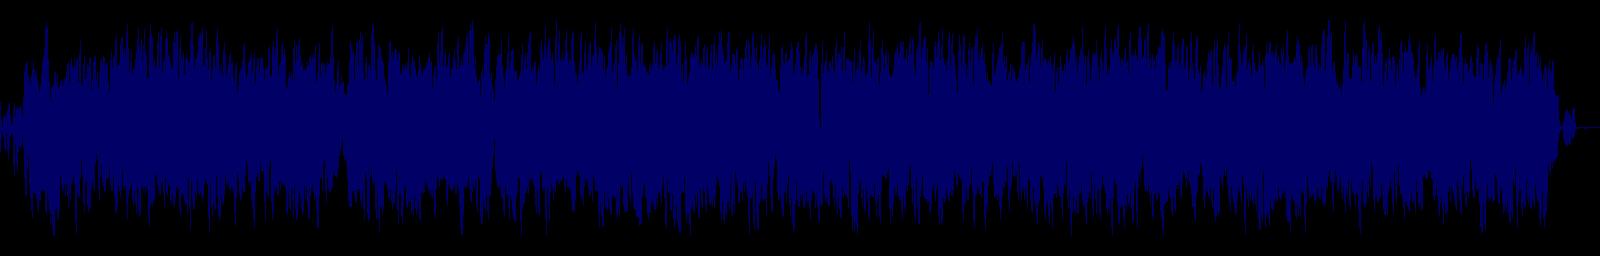 waveform of track #151522